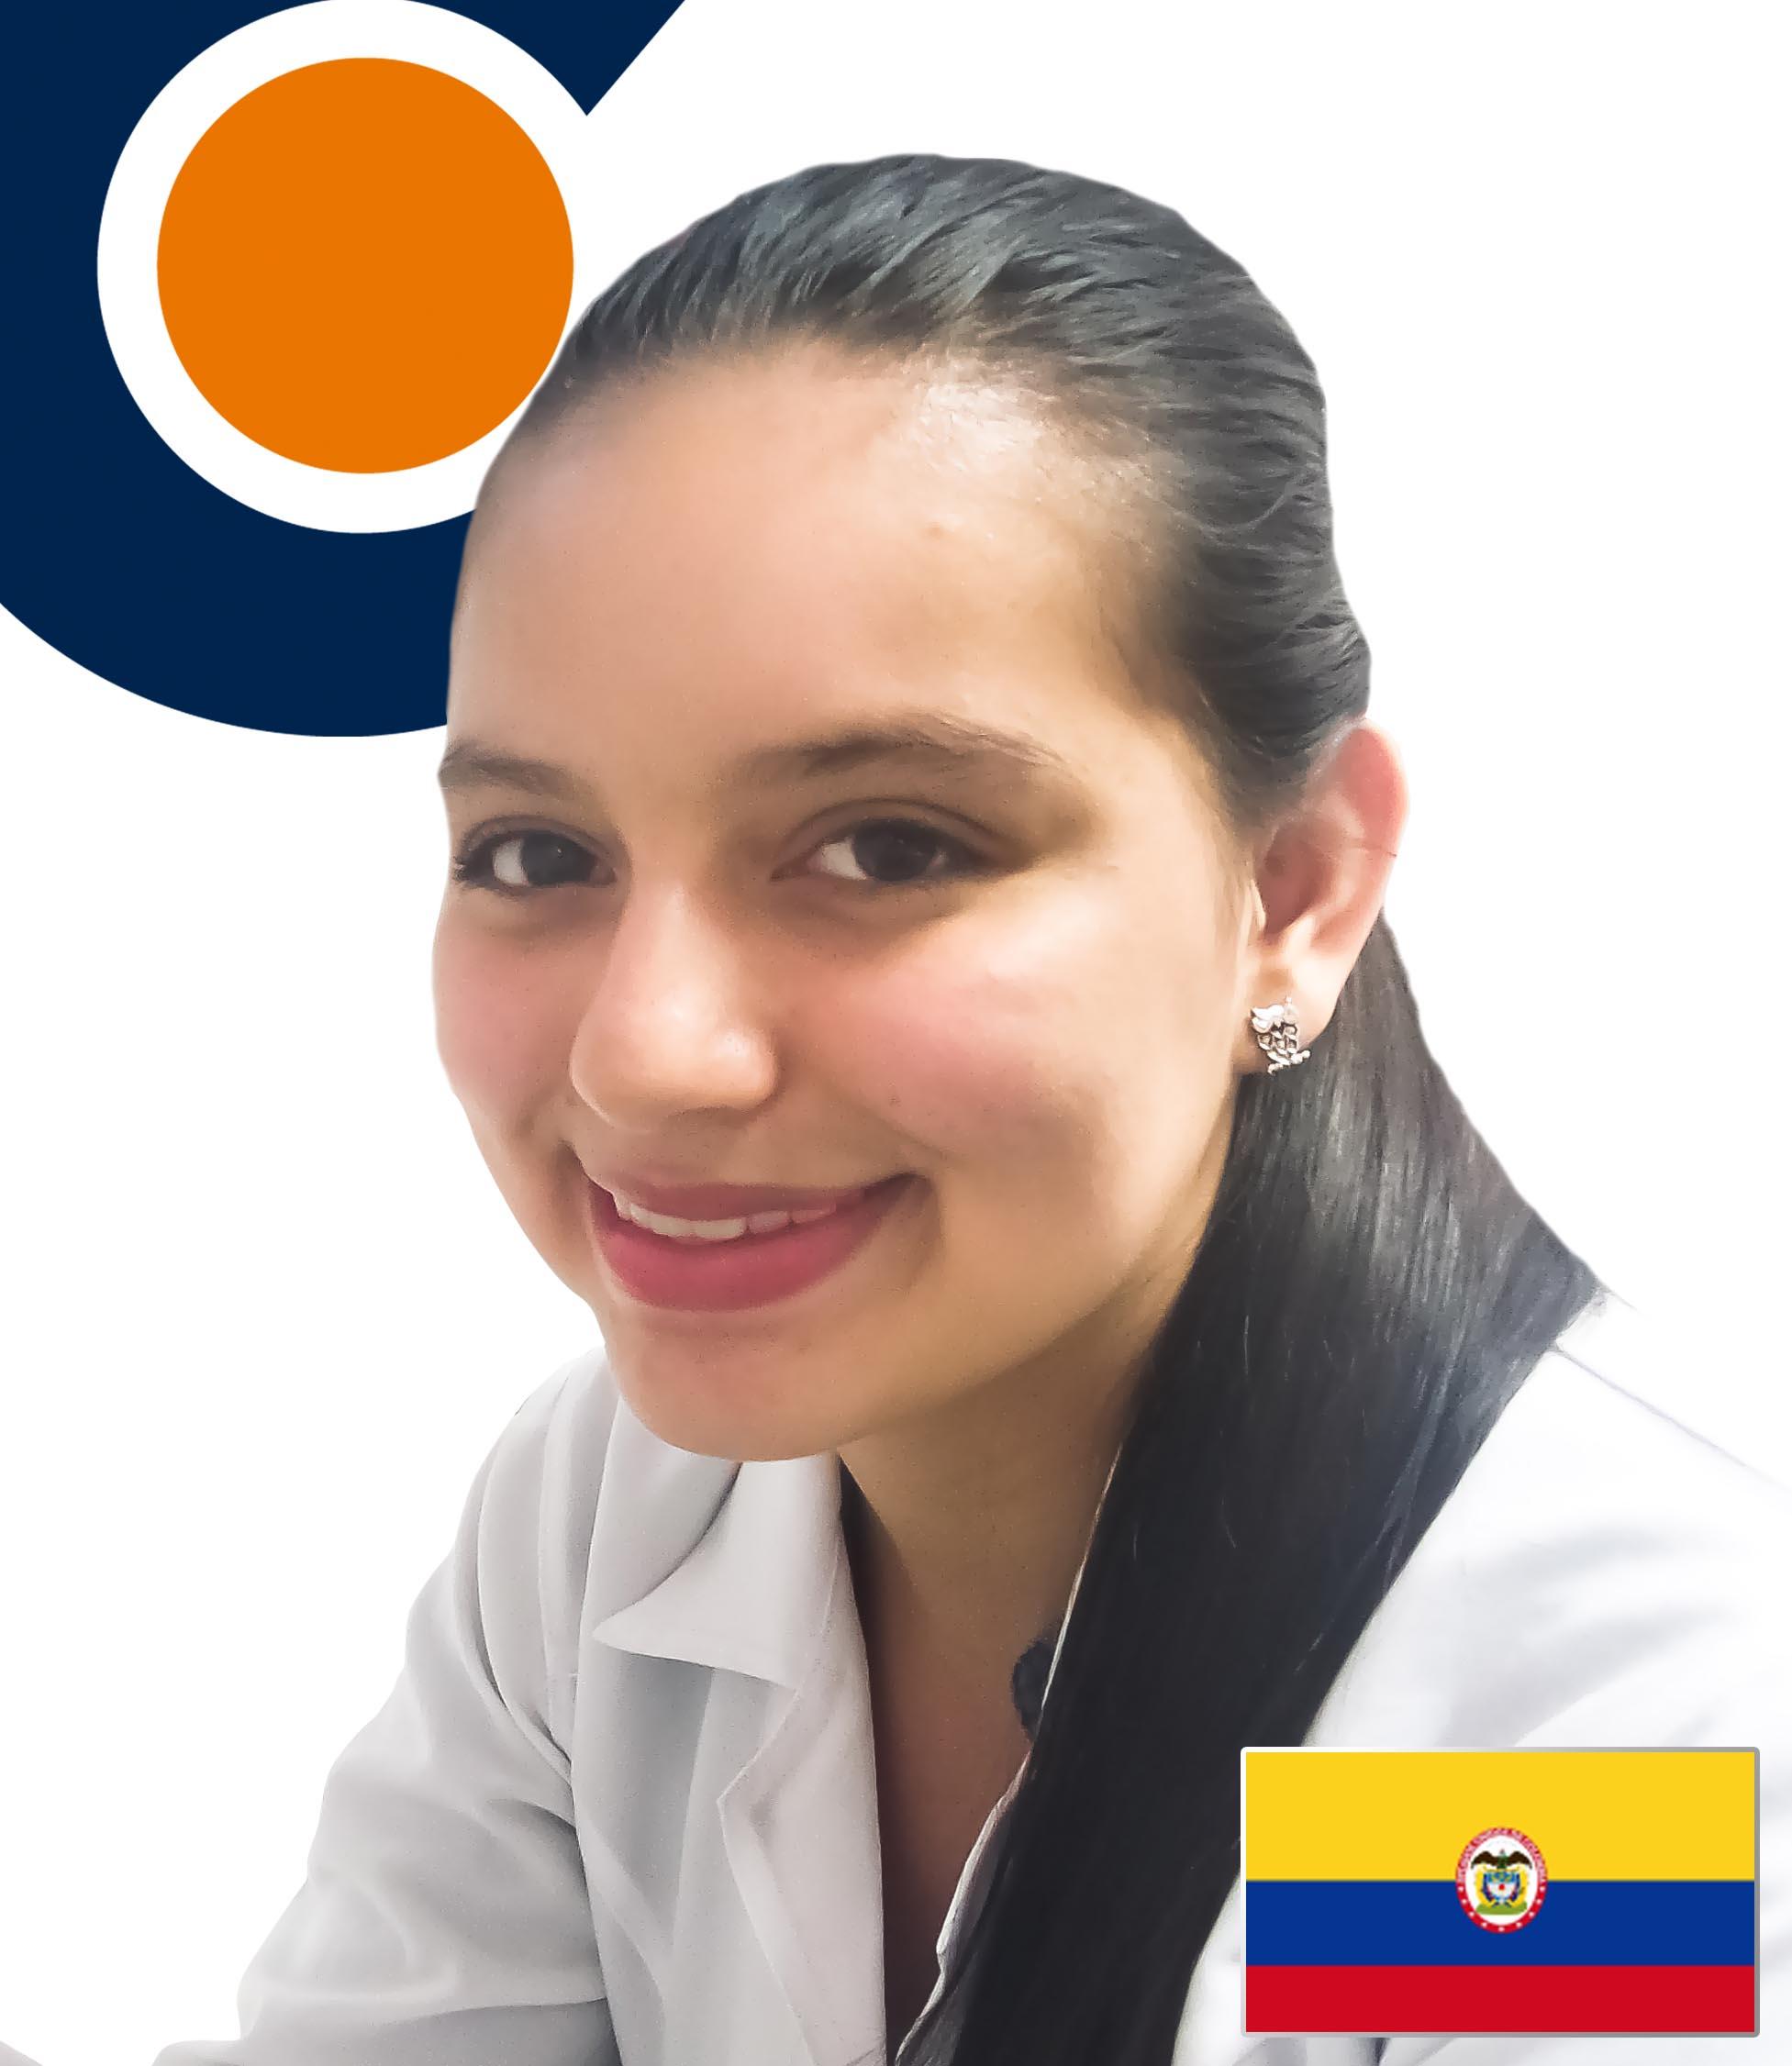 ANDREA CHICA